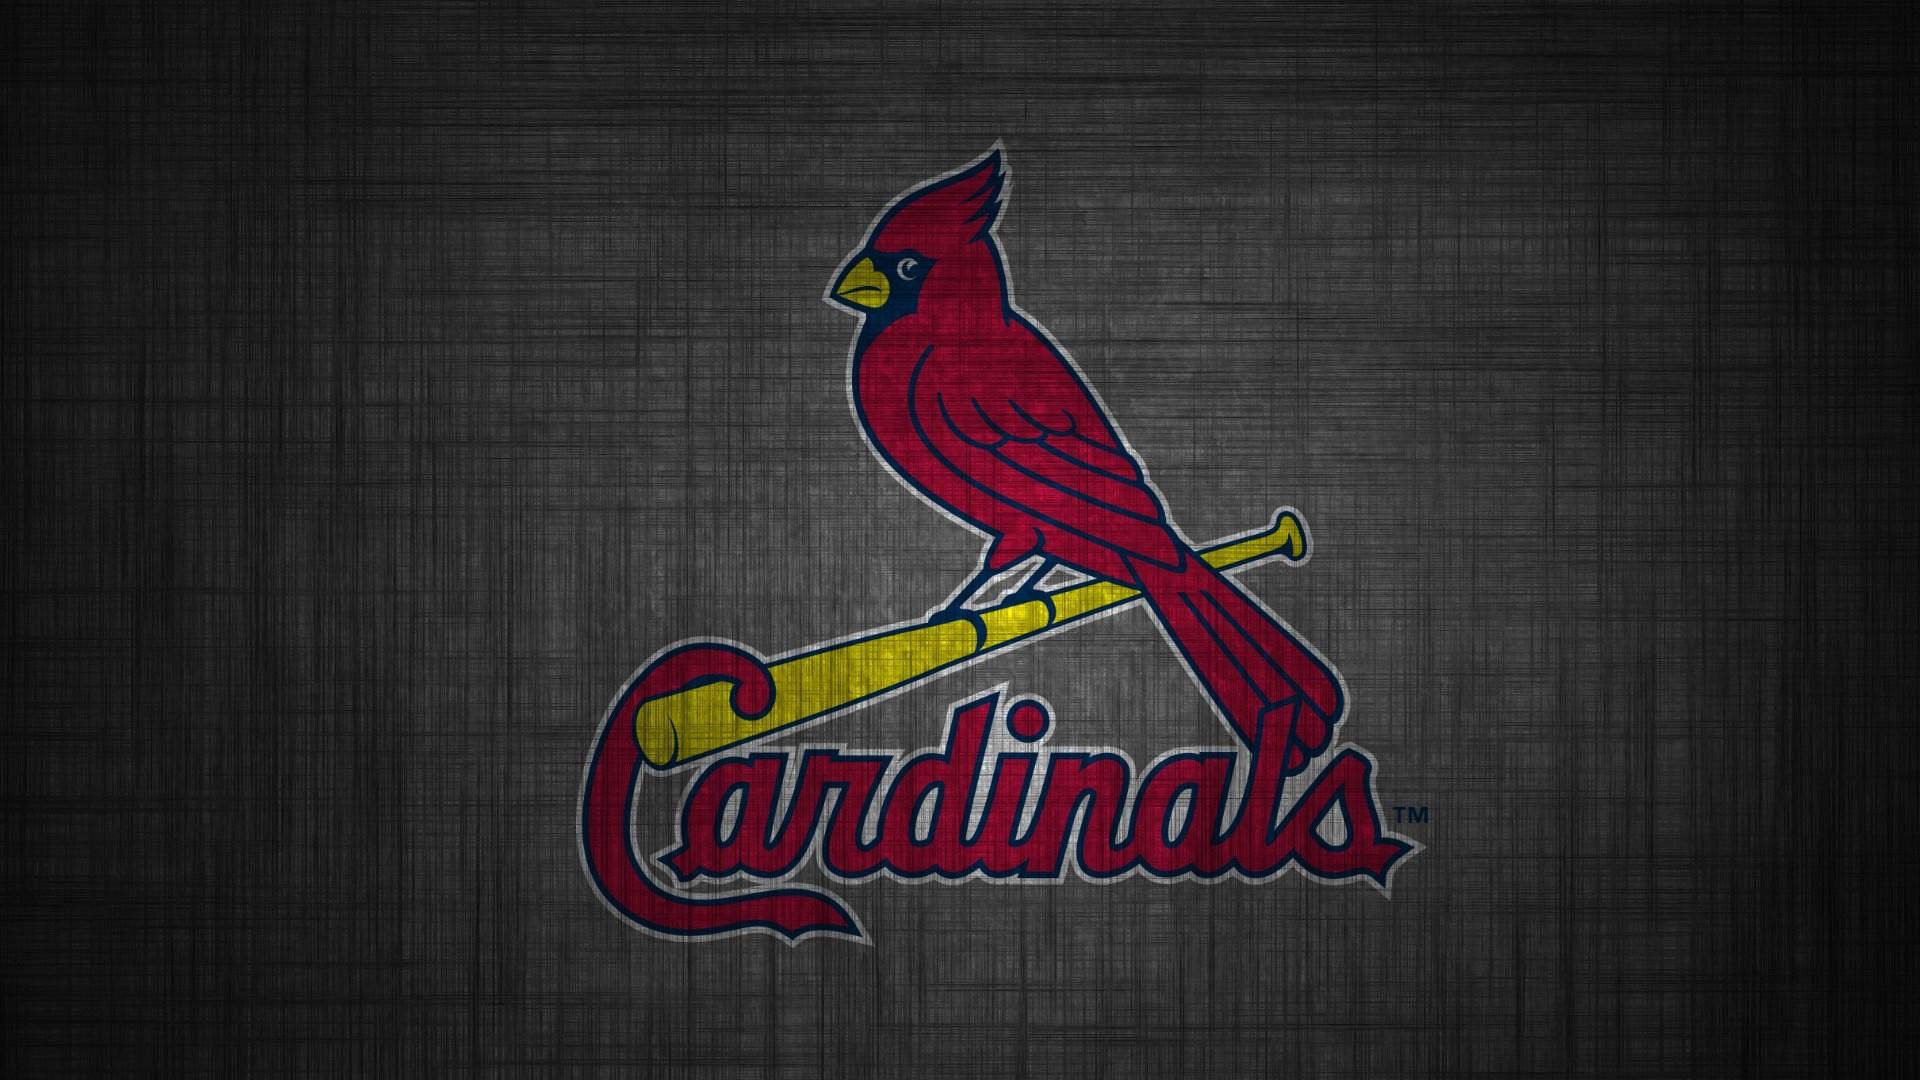 logo st louis cardinals wallpaper image size 1920x1080px st louis